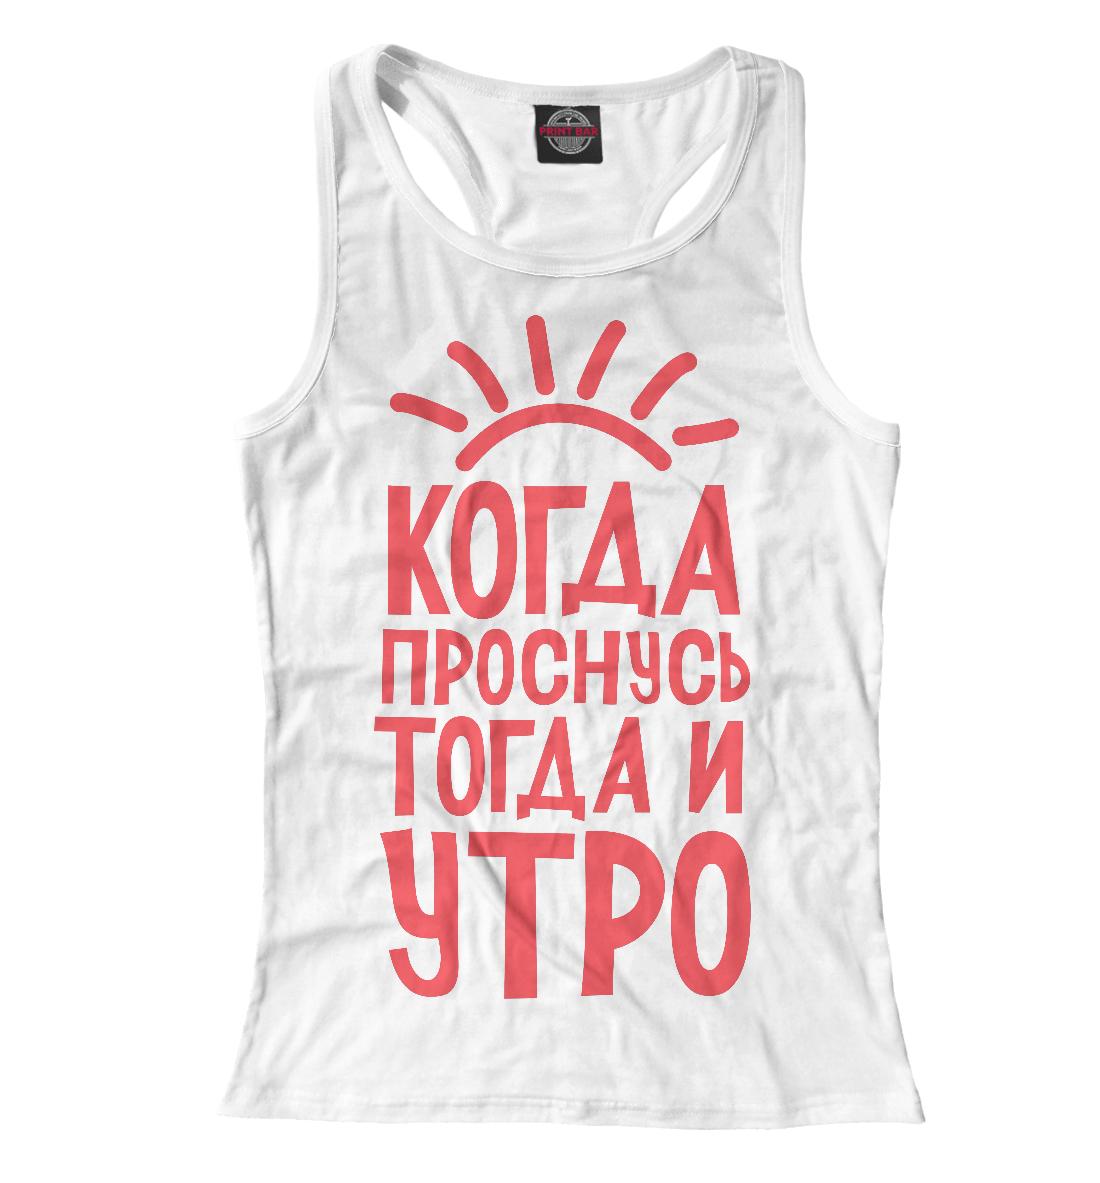 Купить Когда проснусь, тогда и утро, Printbar, Майки борцовки, NDP-118616-mayb-1